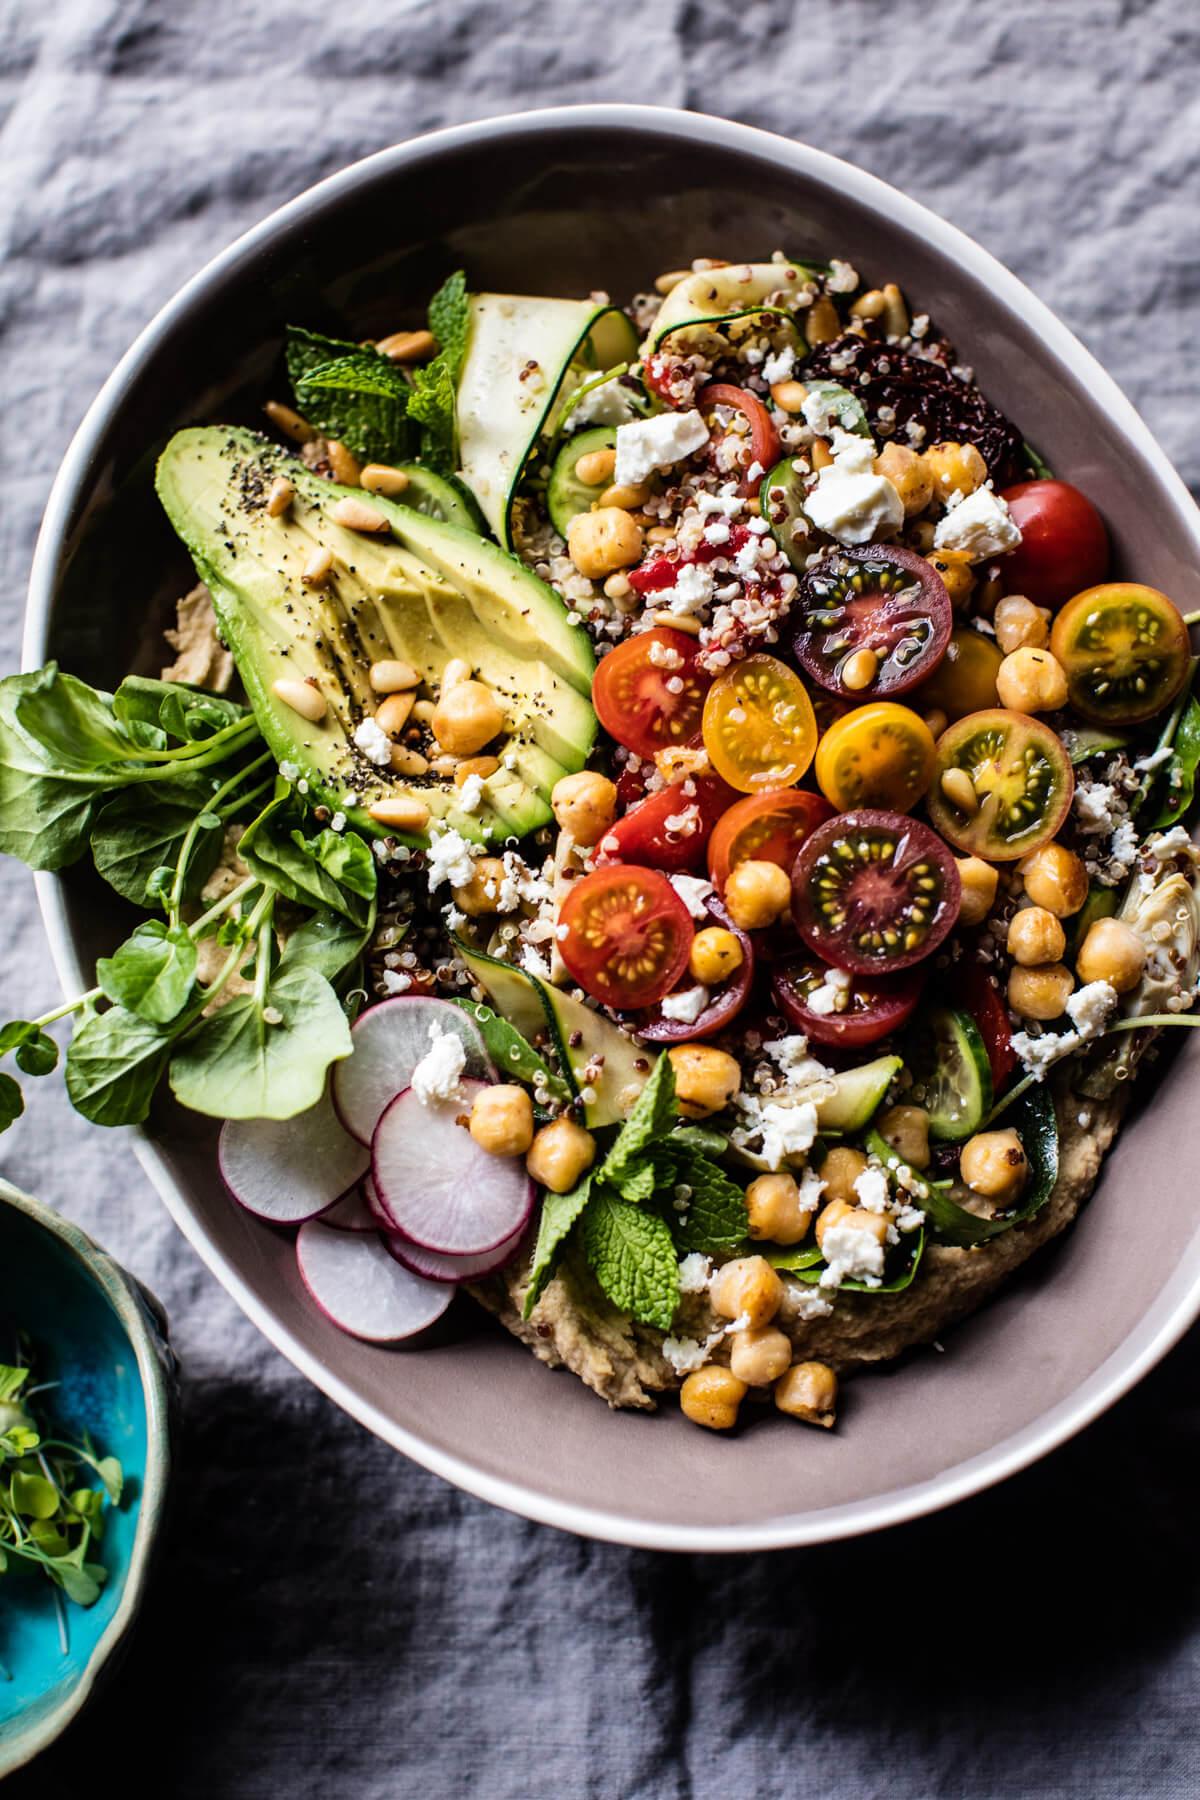 Loaded-Greek-Quinoa-Salad-1.jpg